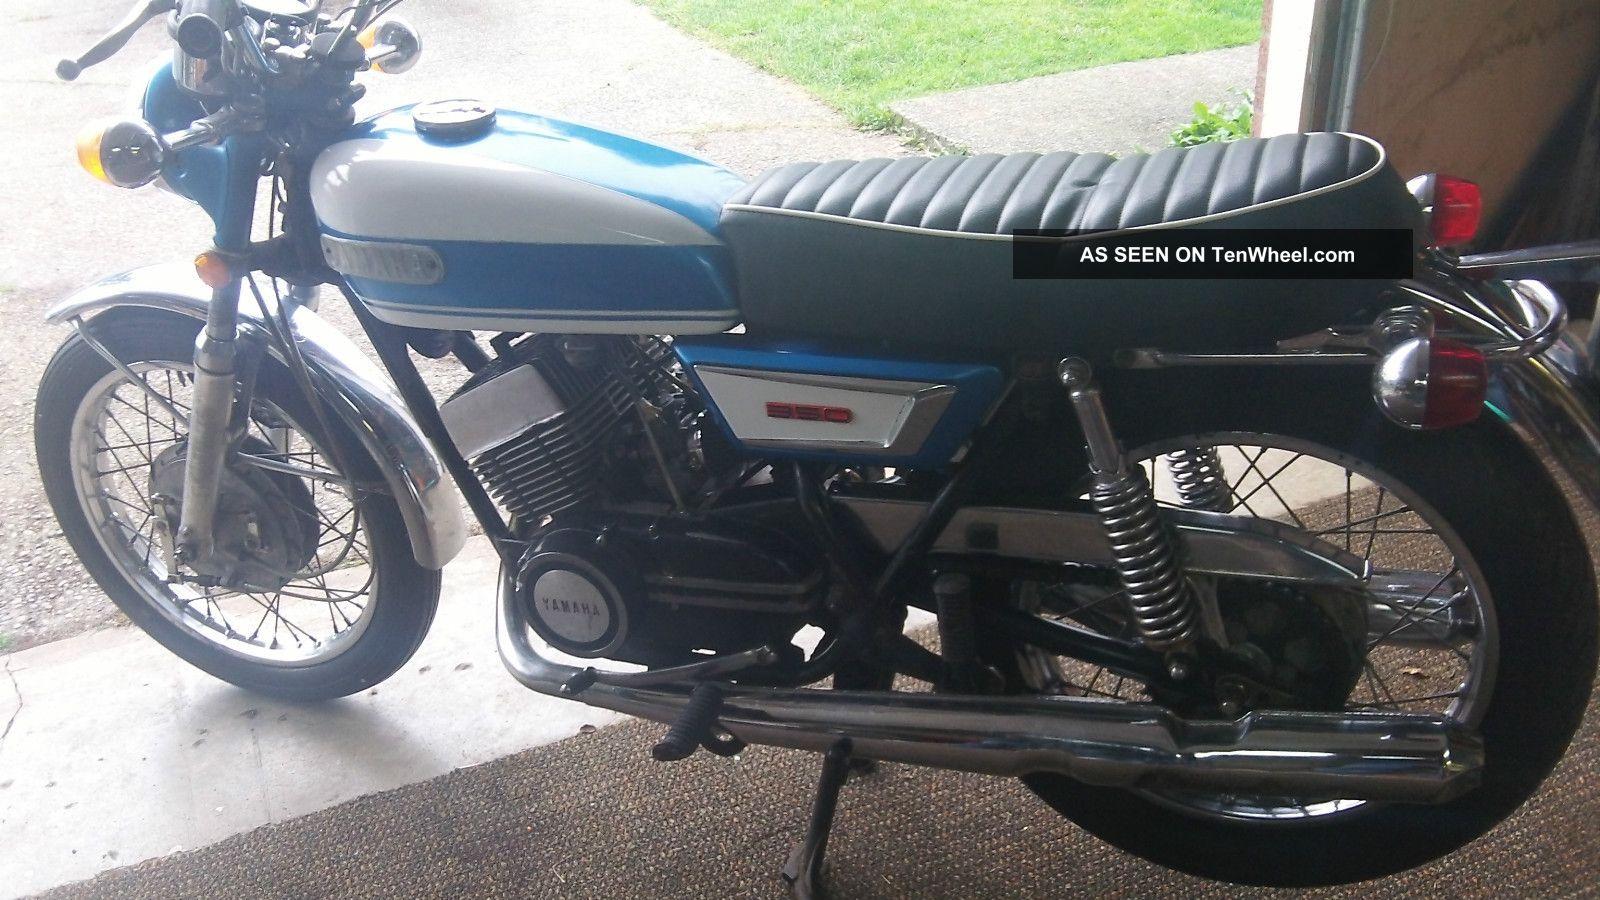 1971 yamaha r5 350 two stroke same bike as suzuki for Yamaha honda kawasaki